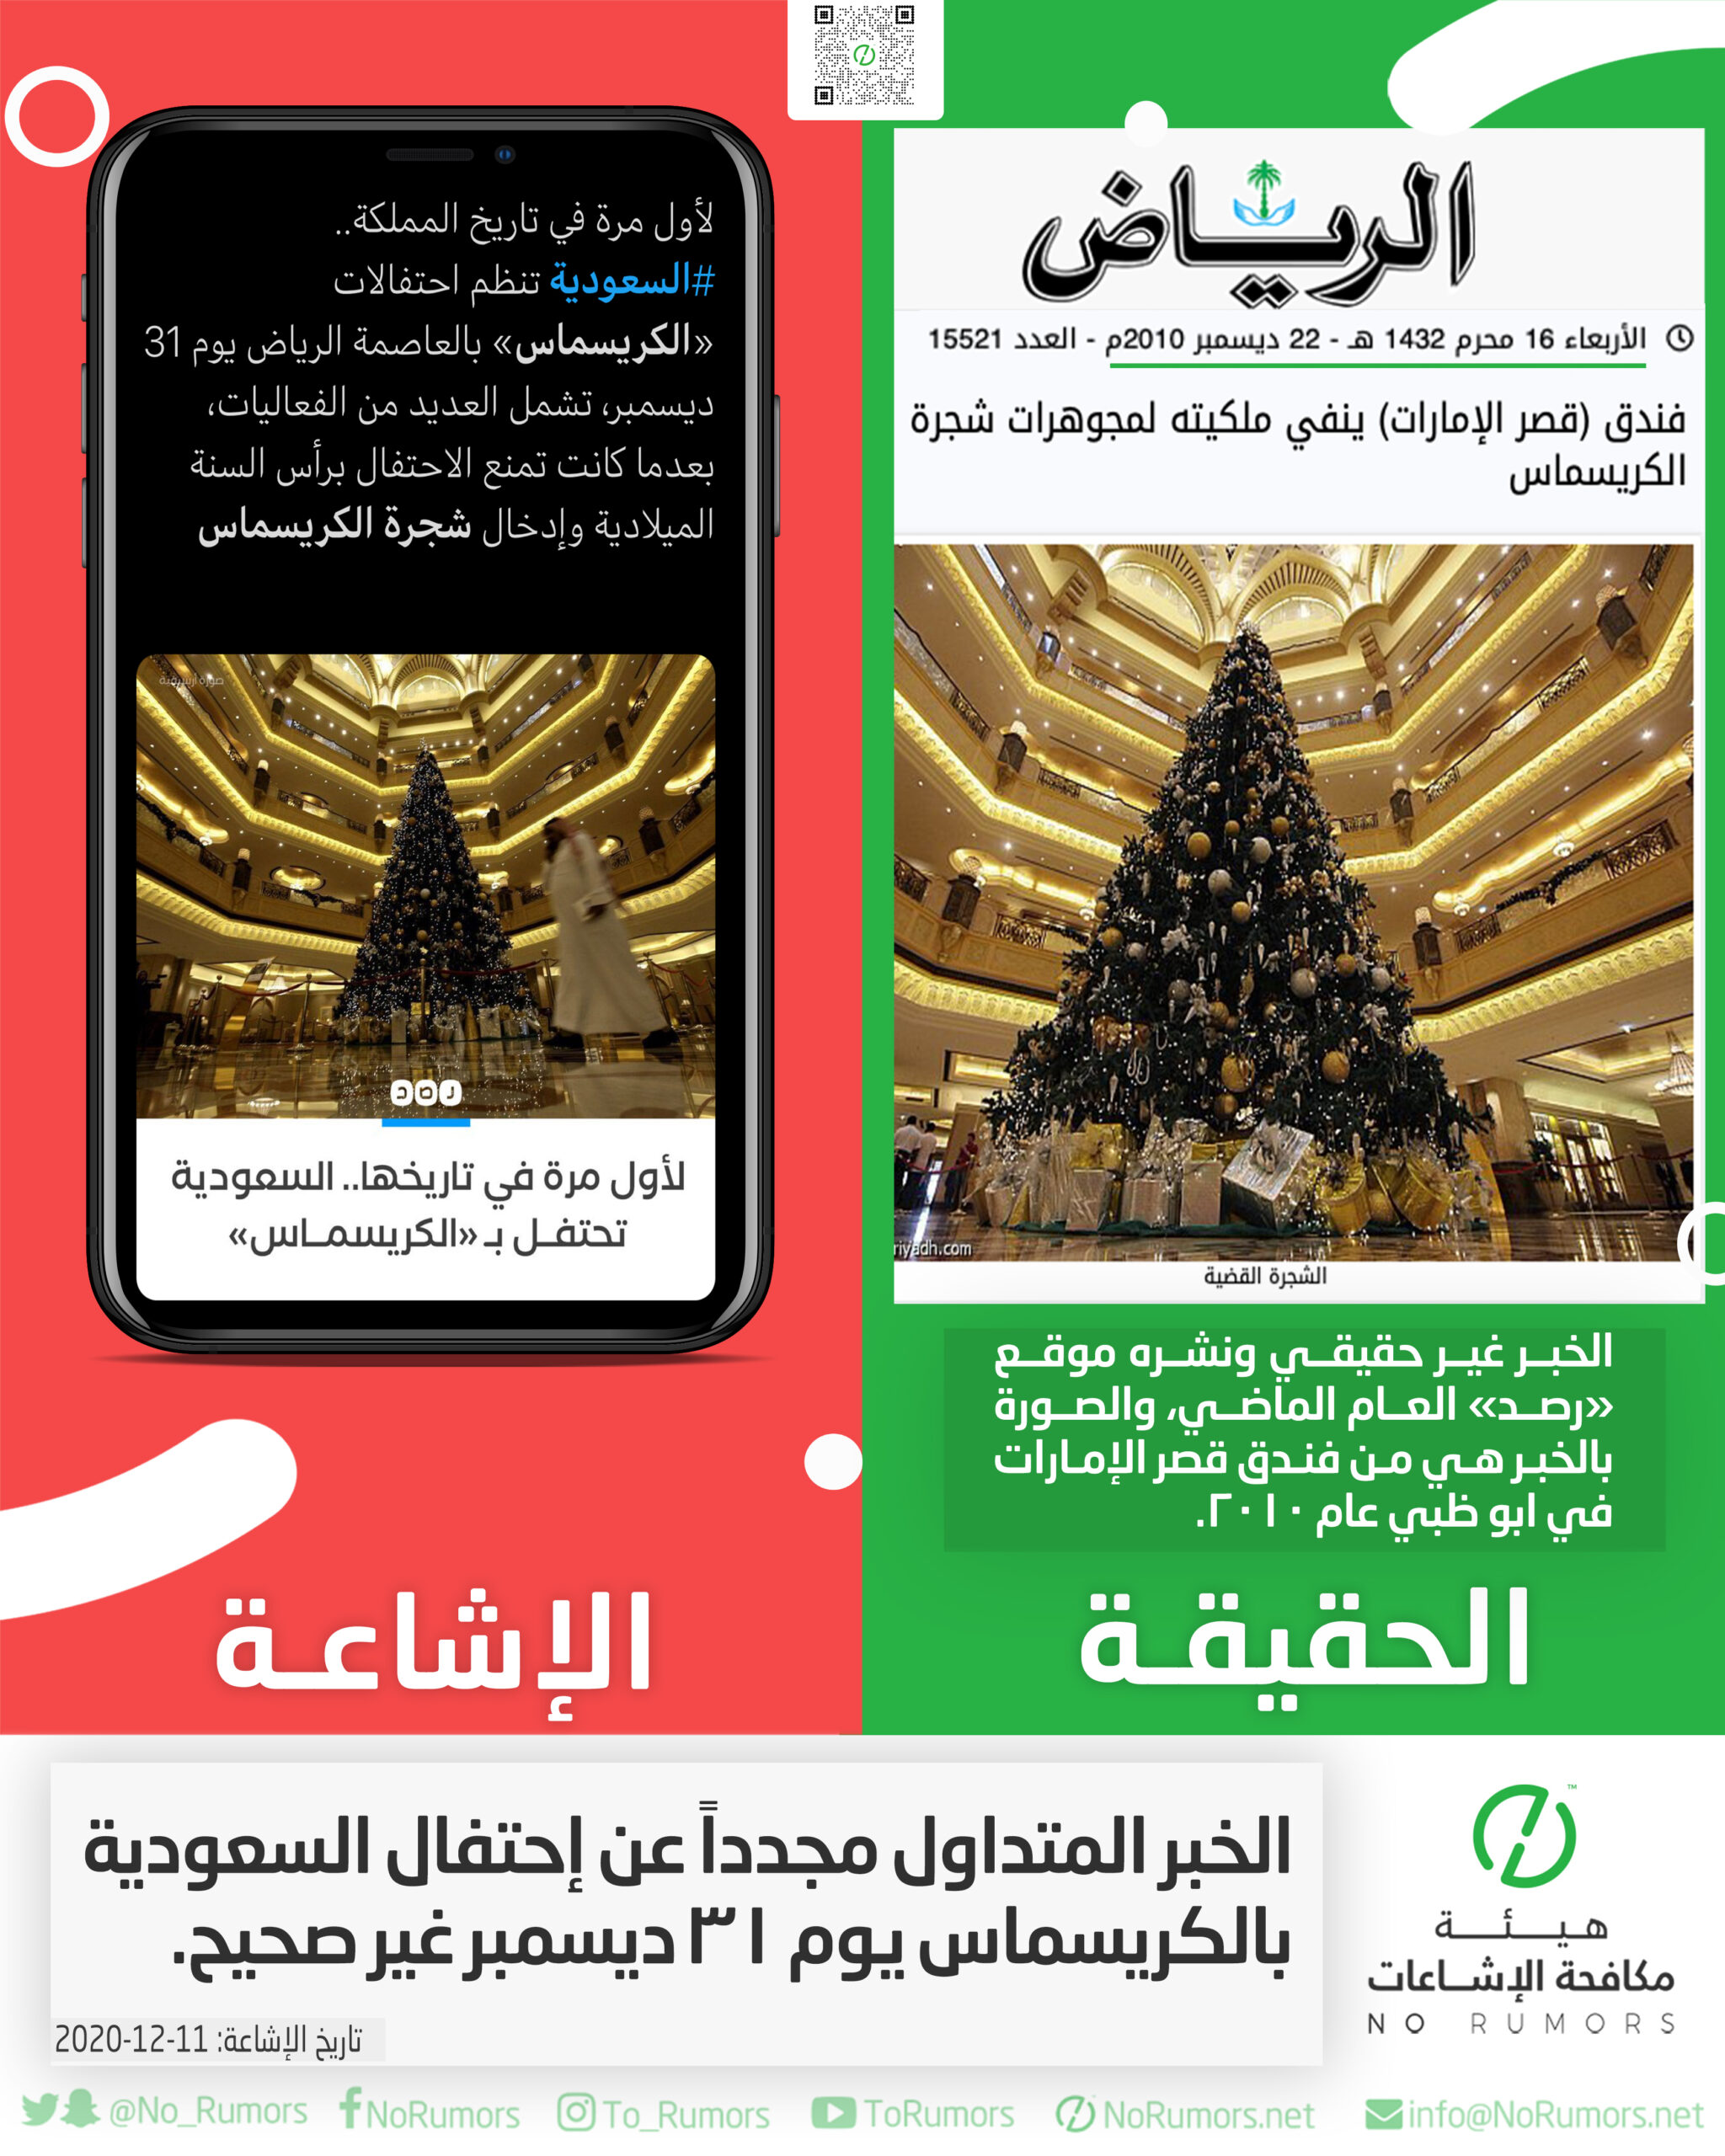 حقيقة الخبر المتداول مجدداً عن إحتفال السعودية بالكريسماس يوم ٣١ ديسمبر